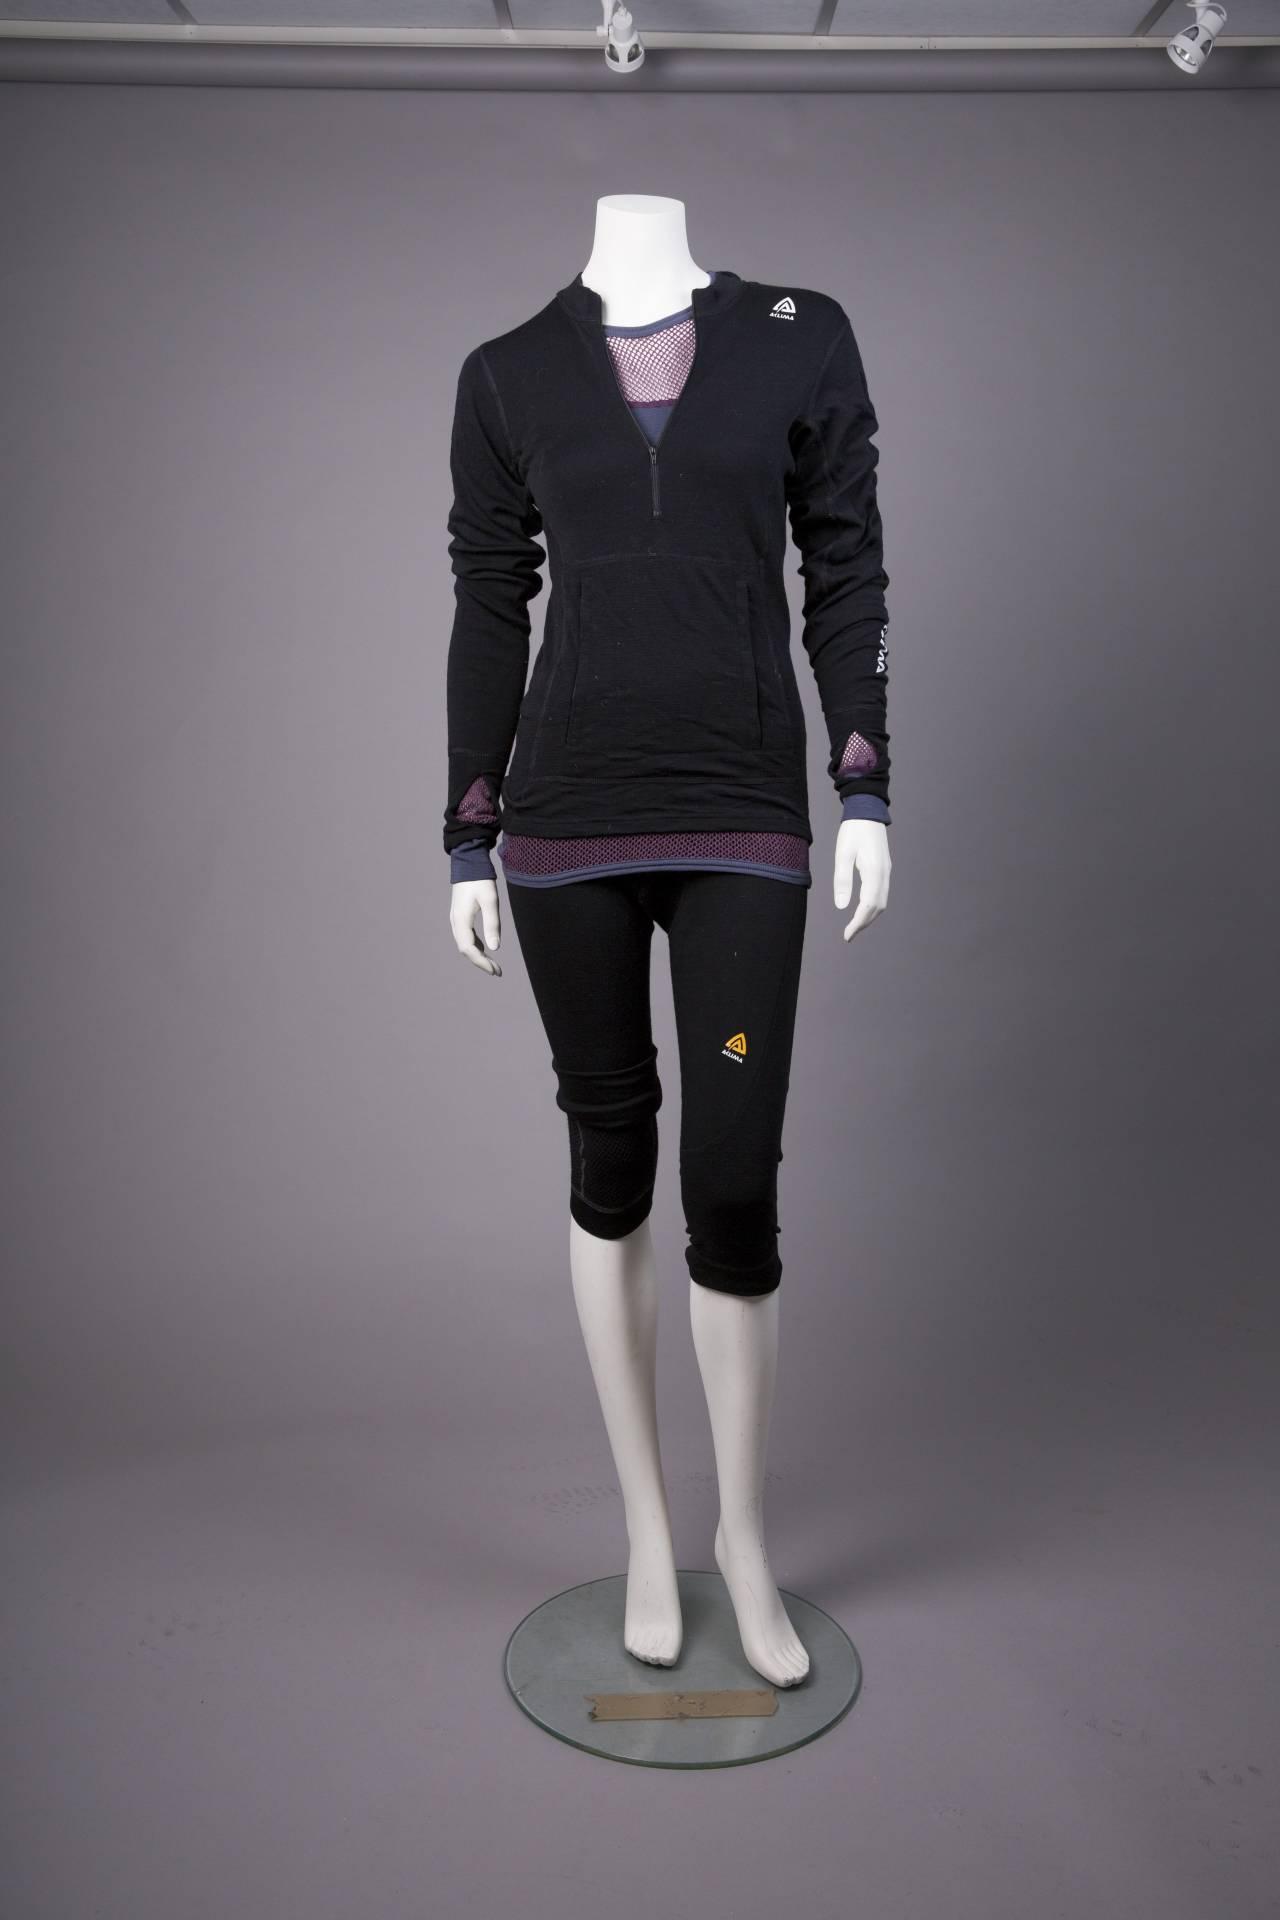 Vår testvinner Aclima Warmwool + Woolnet